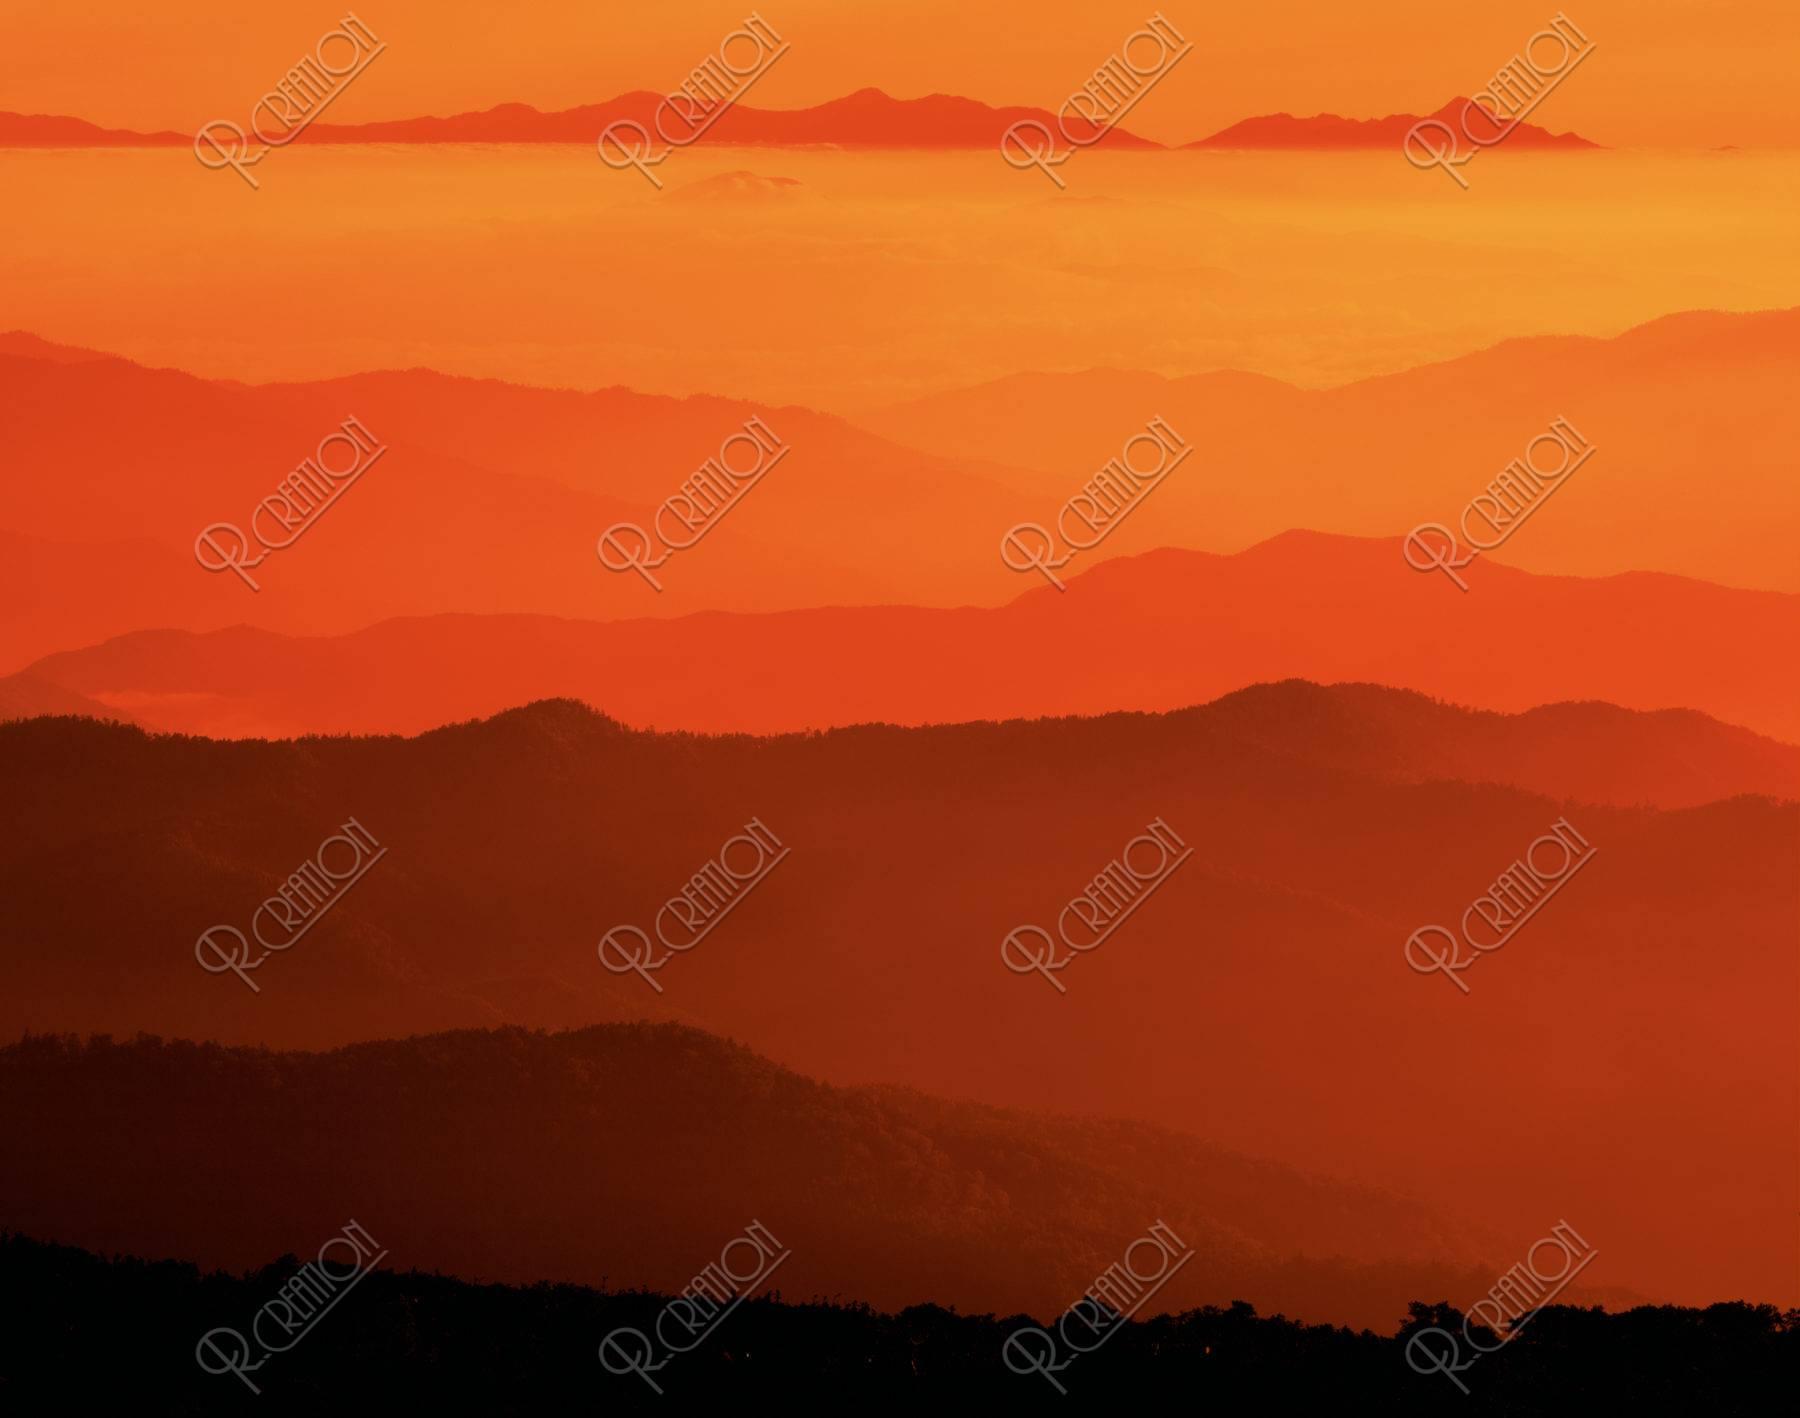 山並と雲海 乳剤面表